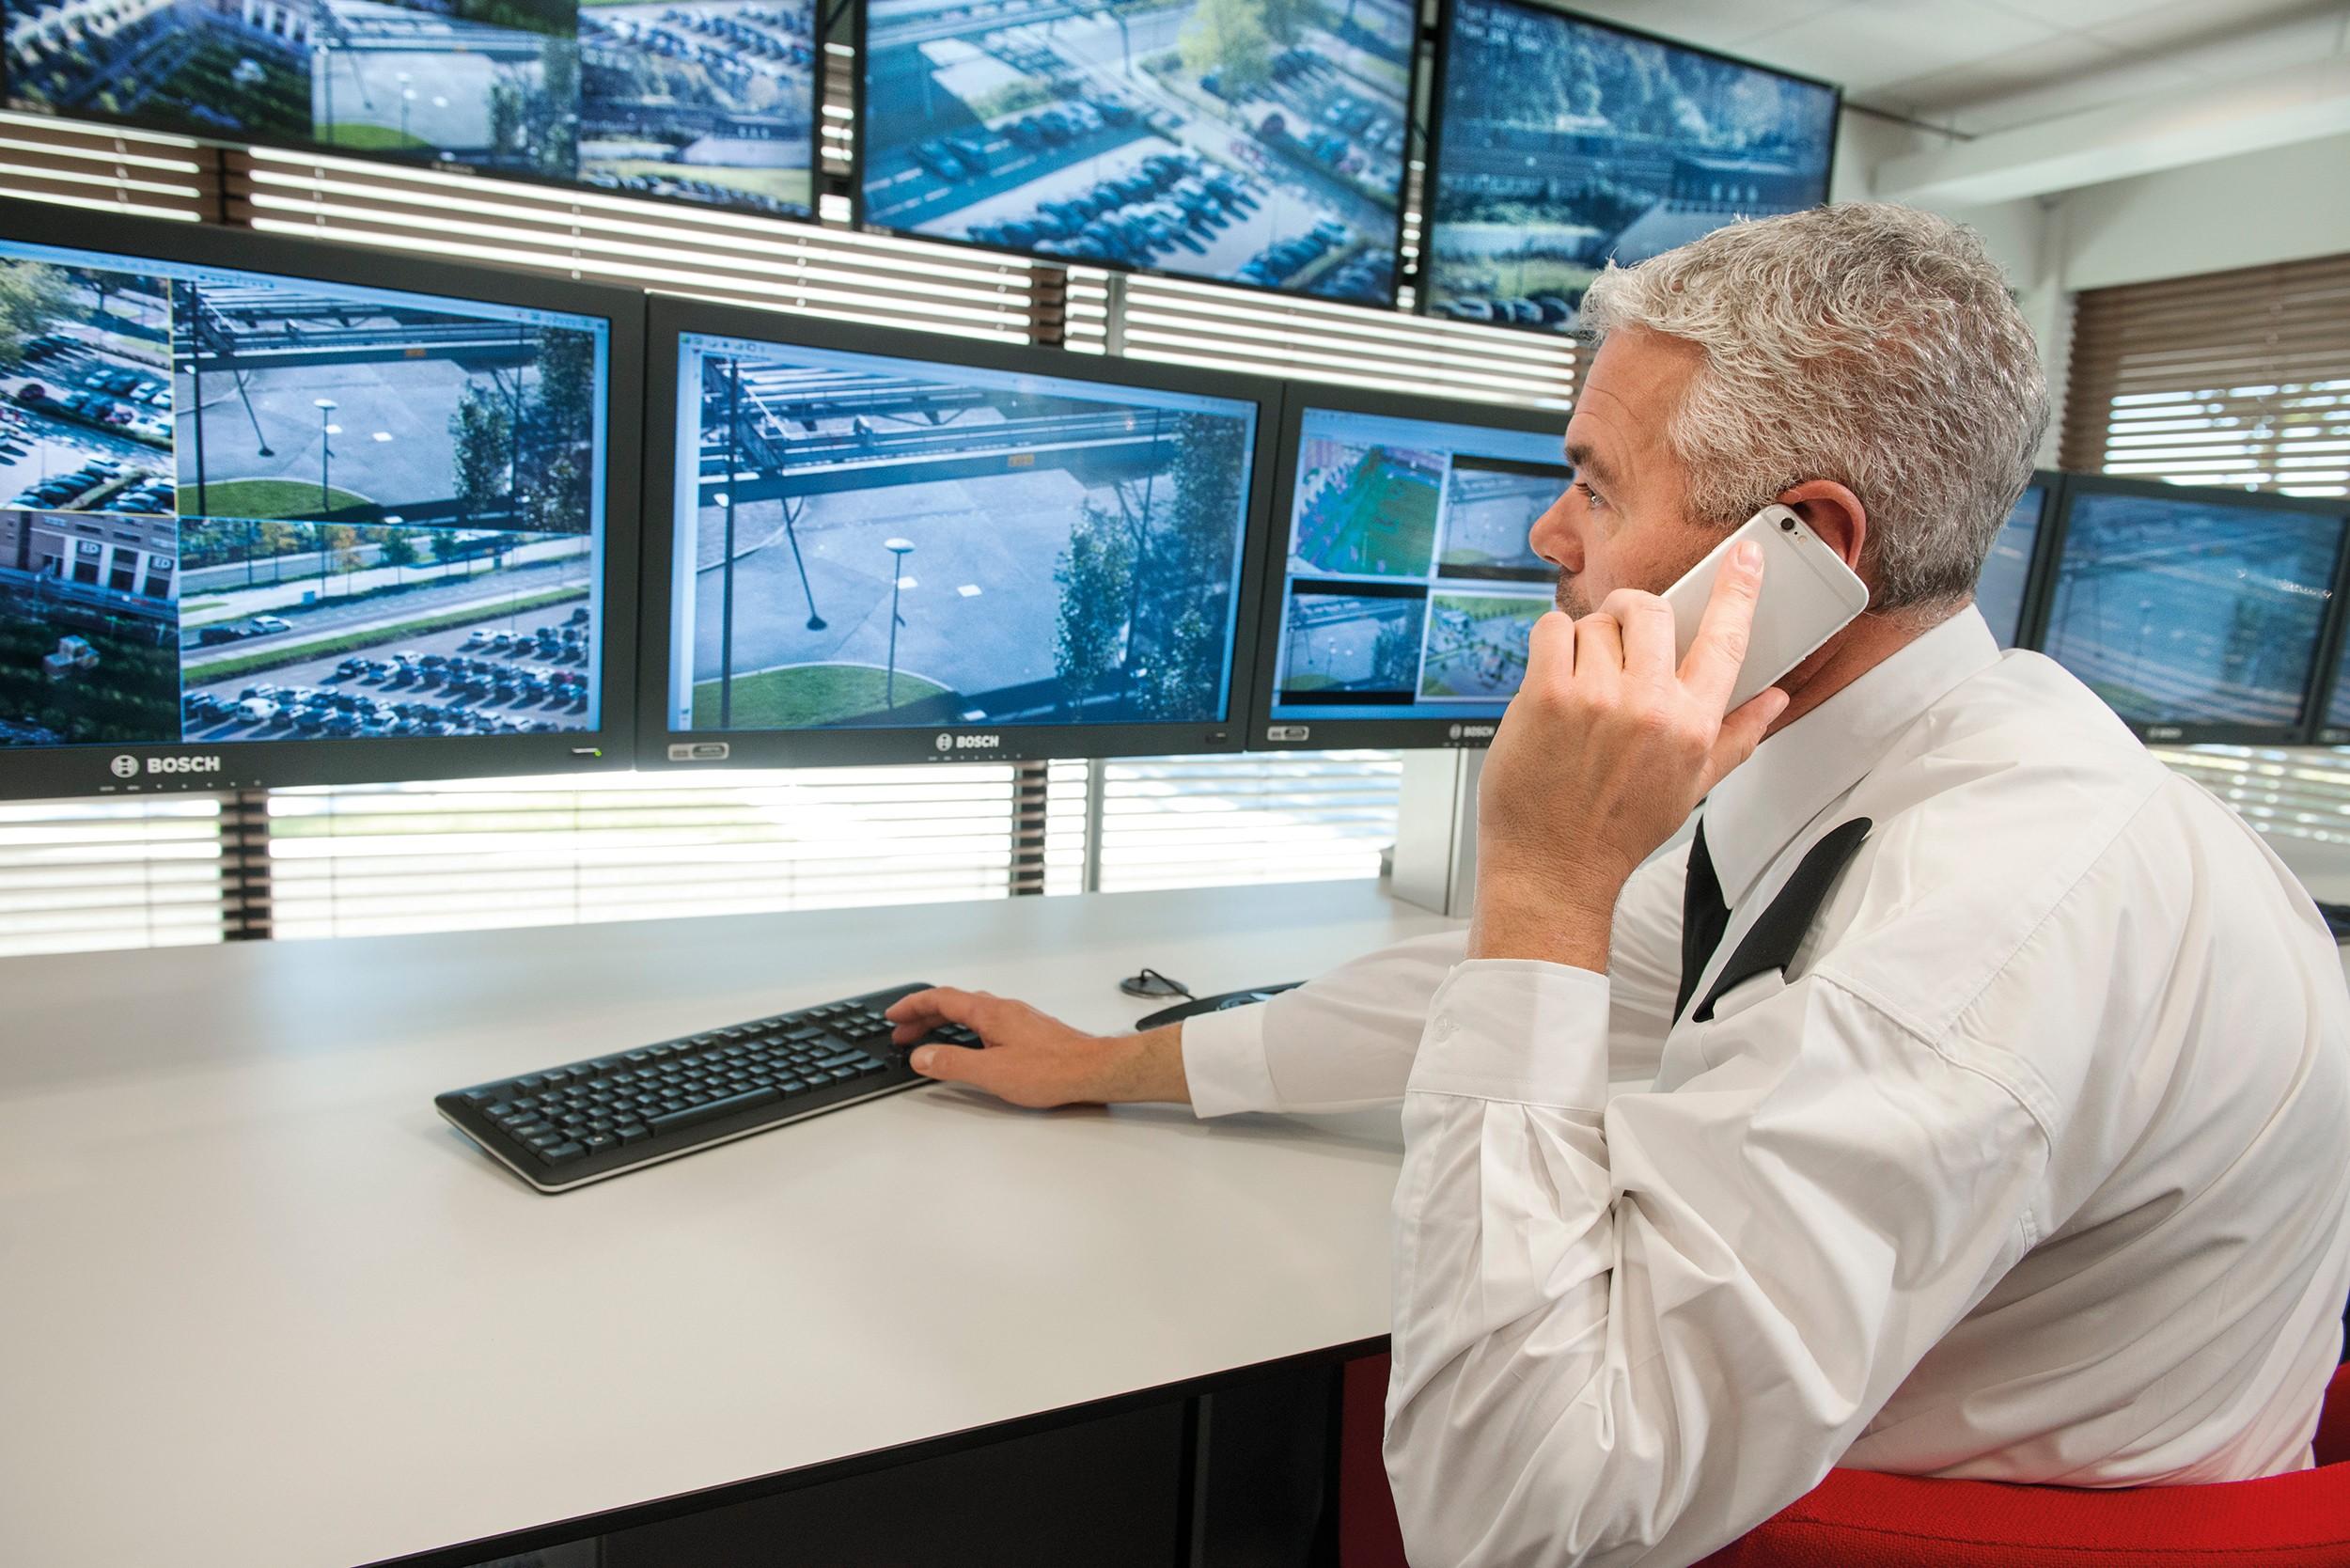 Geconnecteerde oplossingen van Bosch voor een efficiënter dagelijks beheer van grote infraprojecten